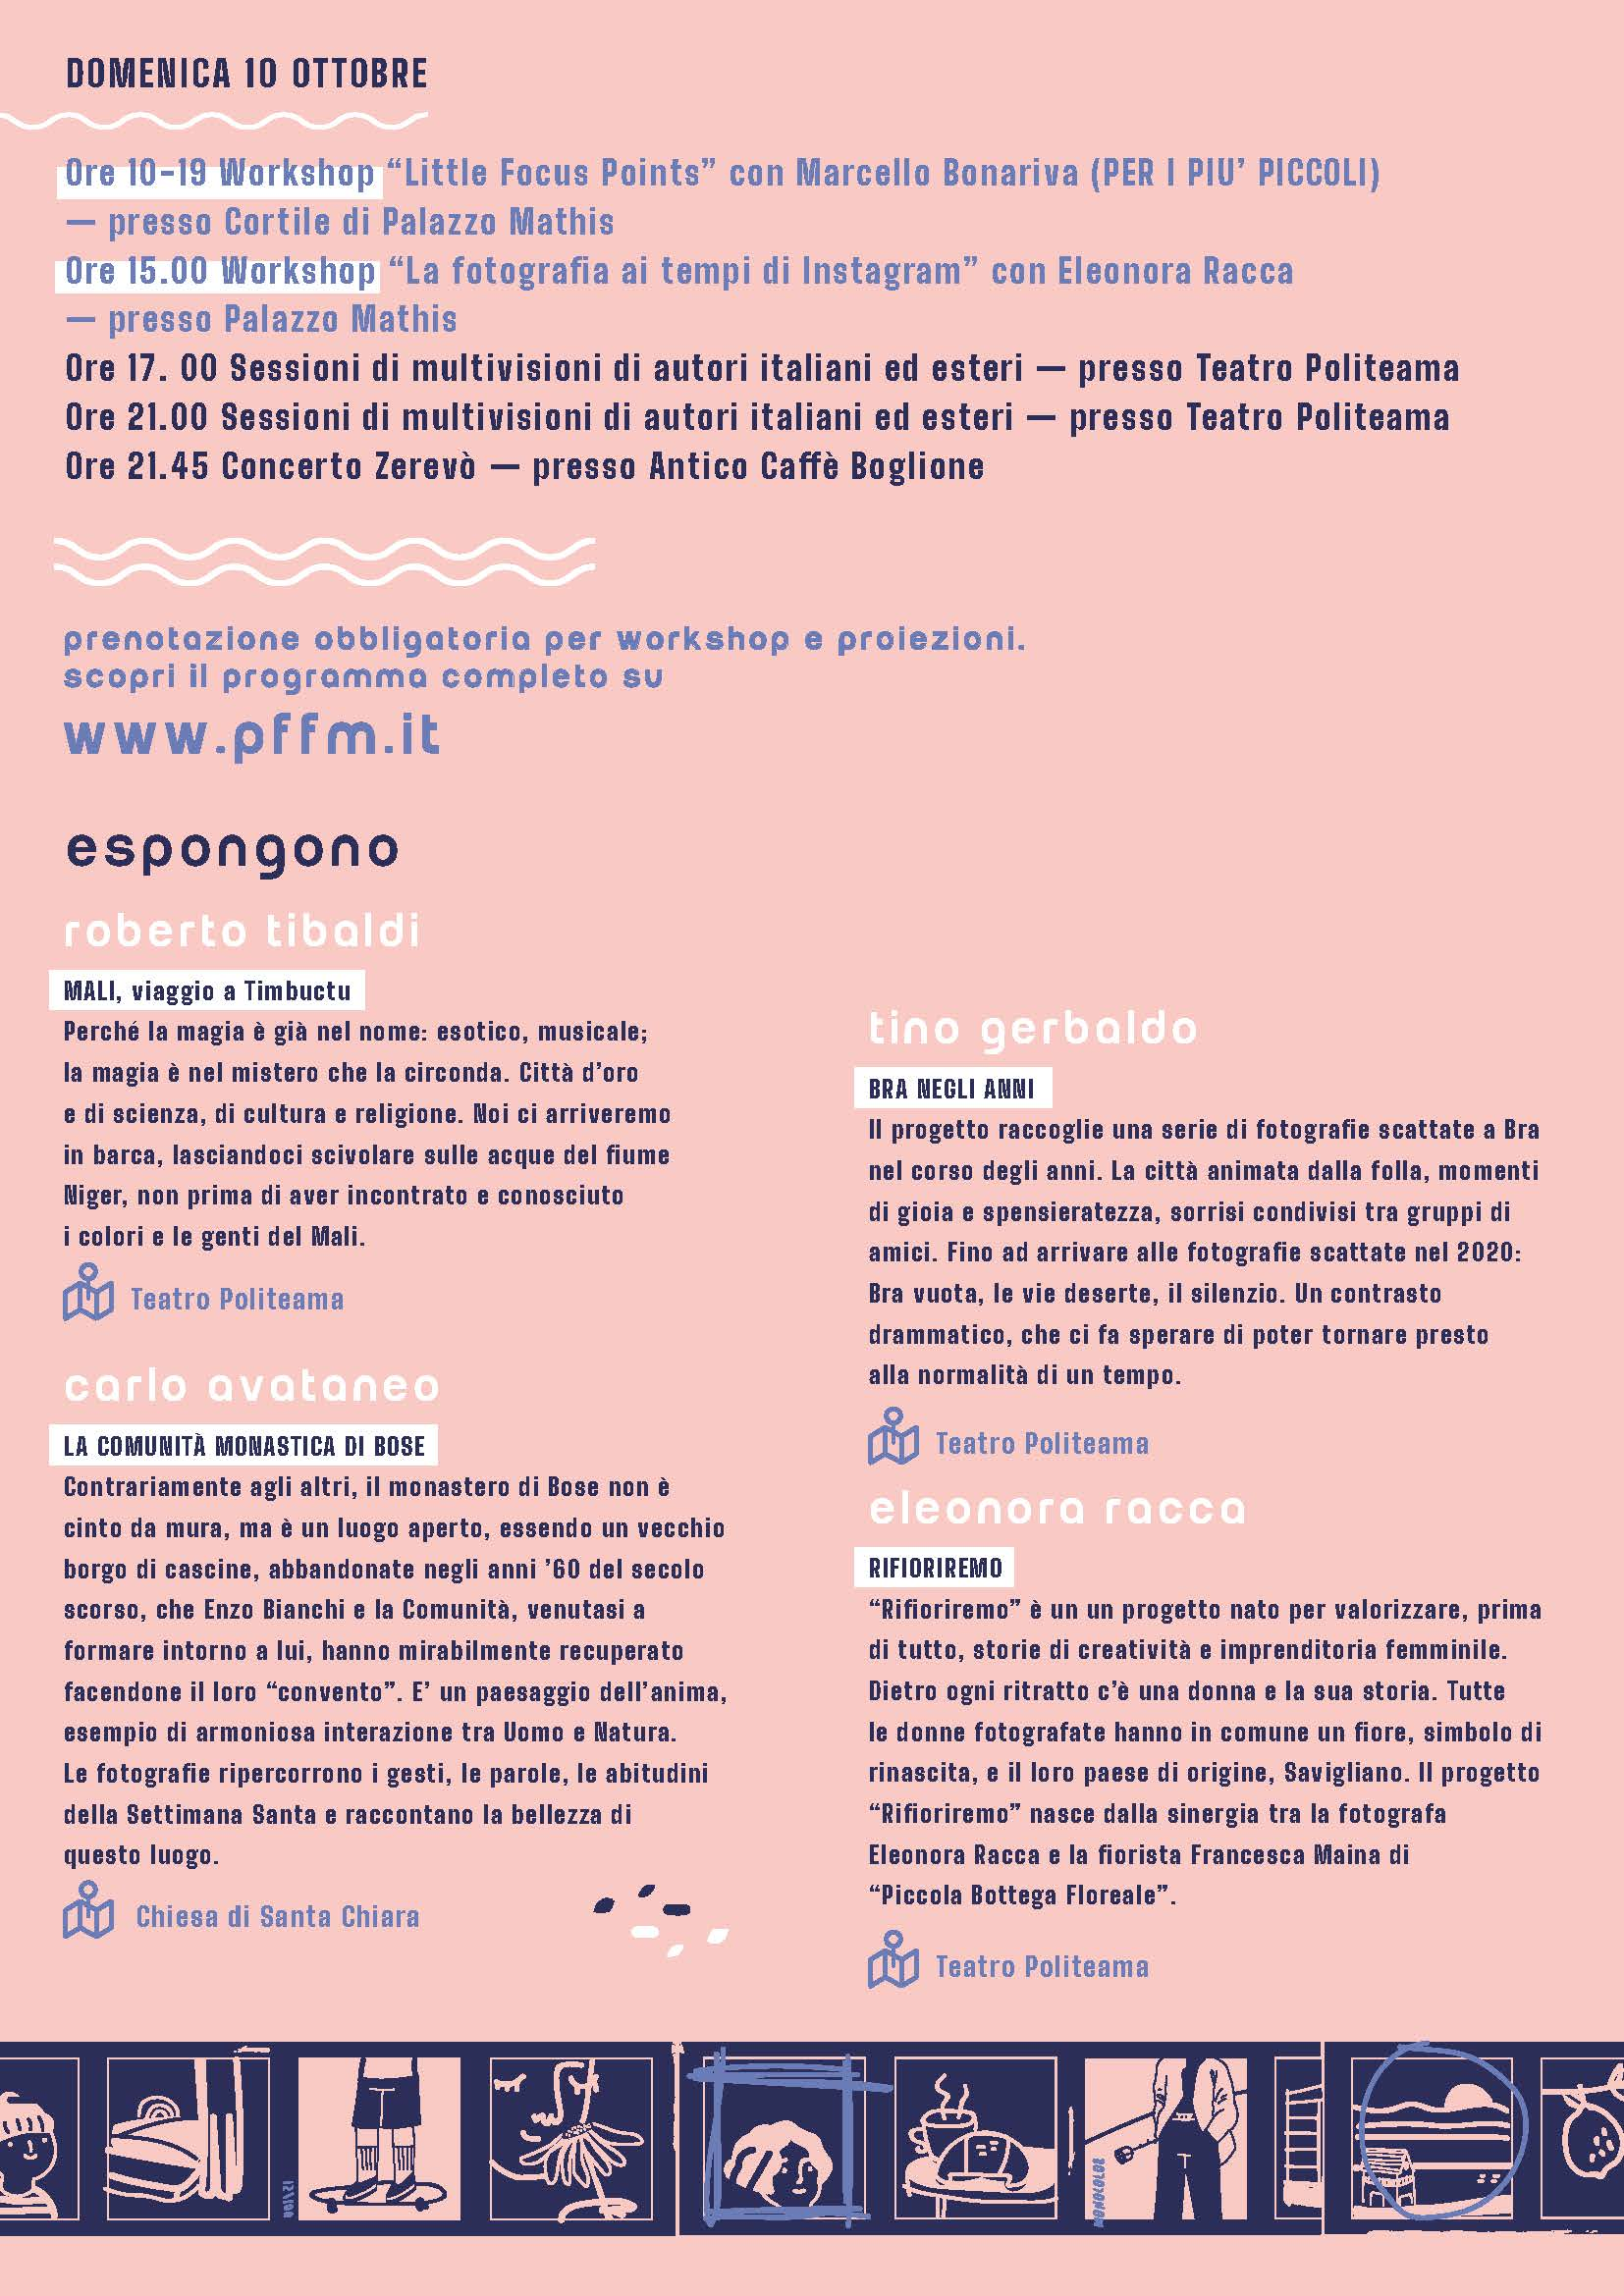 PFFM Programma (pdf in grafica)-1_Pagina_2